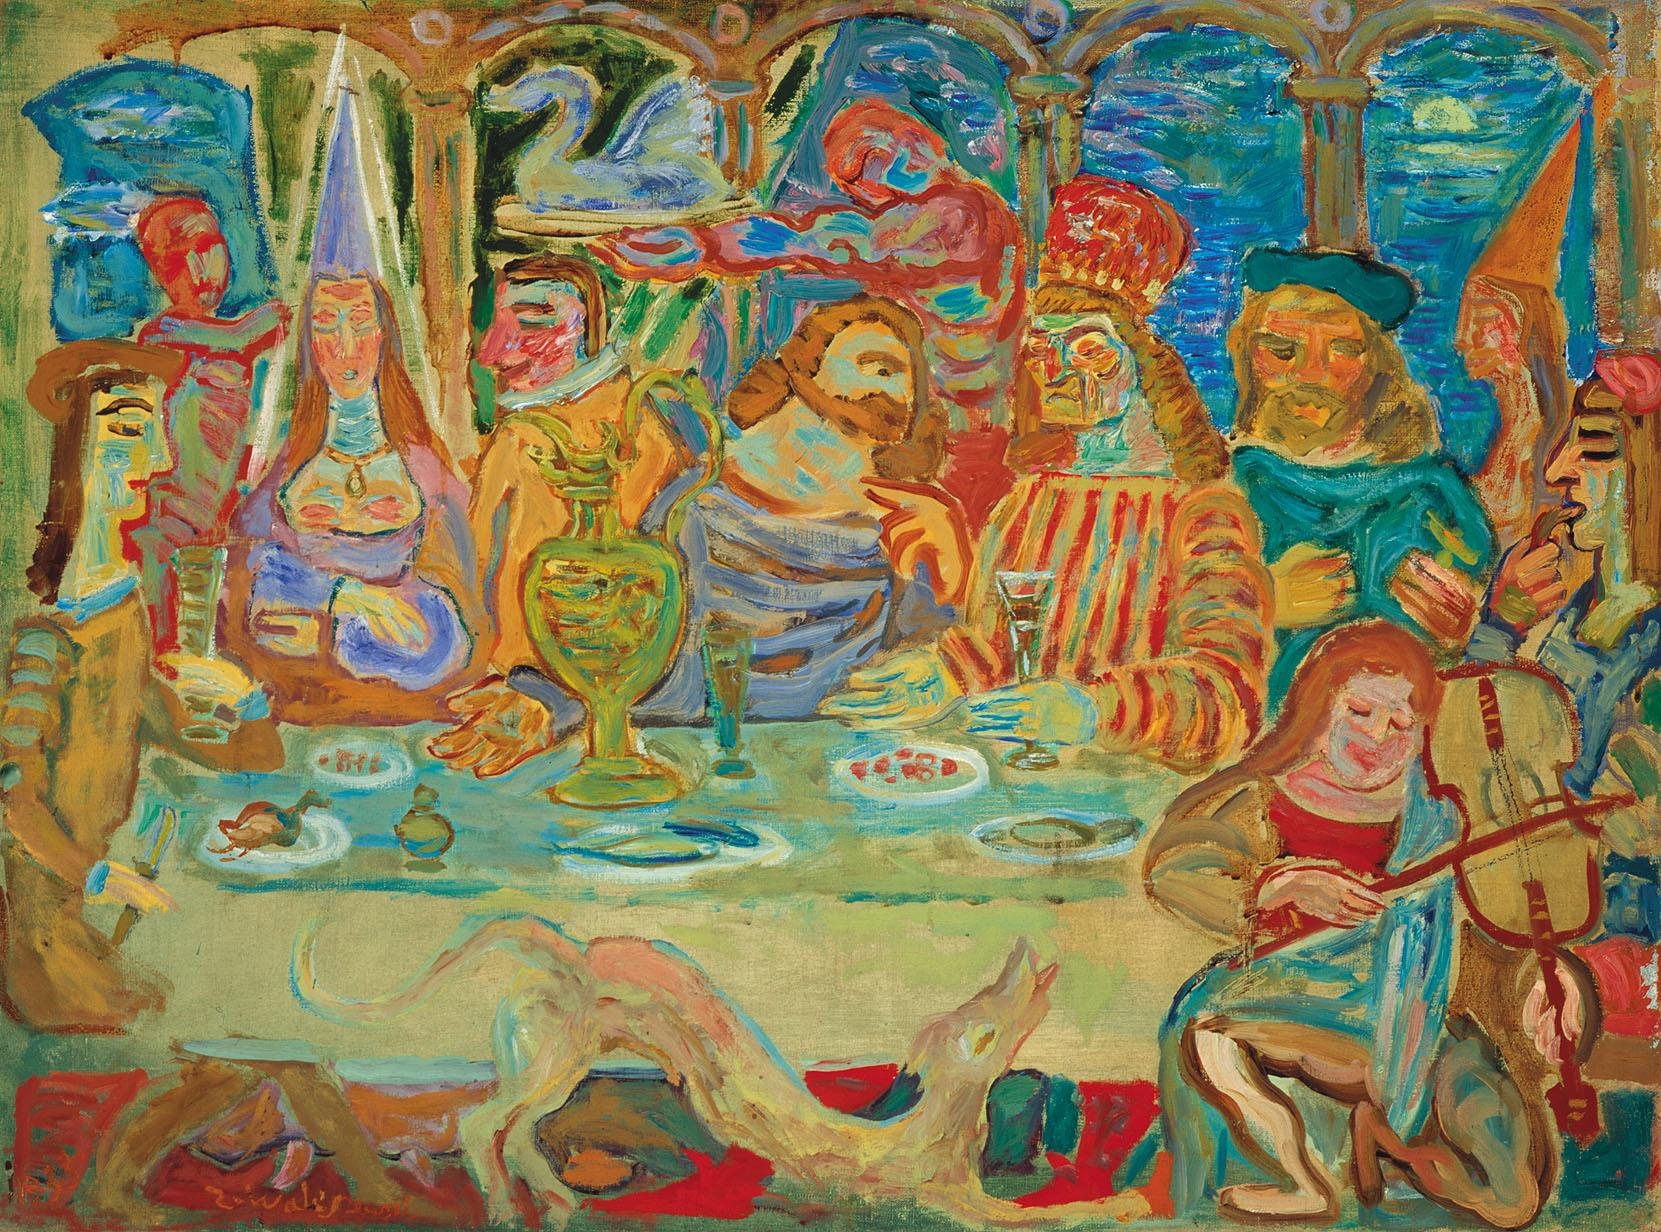 """Kategoria smak:Zygmunt Waliszewski obraz """"Uczta u Benvenutta Celliniego tzw. renesansowa"""" 1933 Obraz przedstawia ucztę w renesansowej komnacie. Charakteryzuje się szeroką paletą barw. Kolory są jasne, jaskrawe. Obraz przywodzi na myśl twórczość dziecięcą - rysunek jest uproszczony, farba nakładana licznymi, drobnymi pociągnięciami pędzla."""